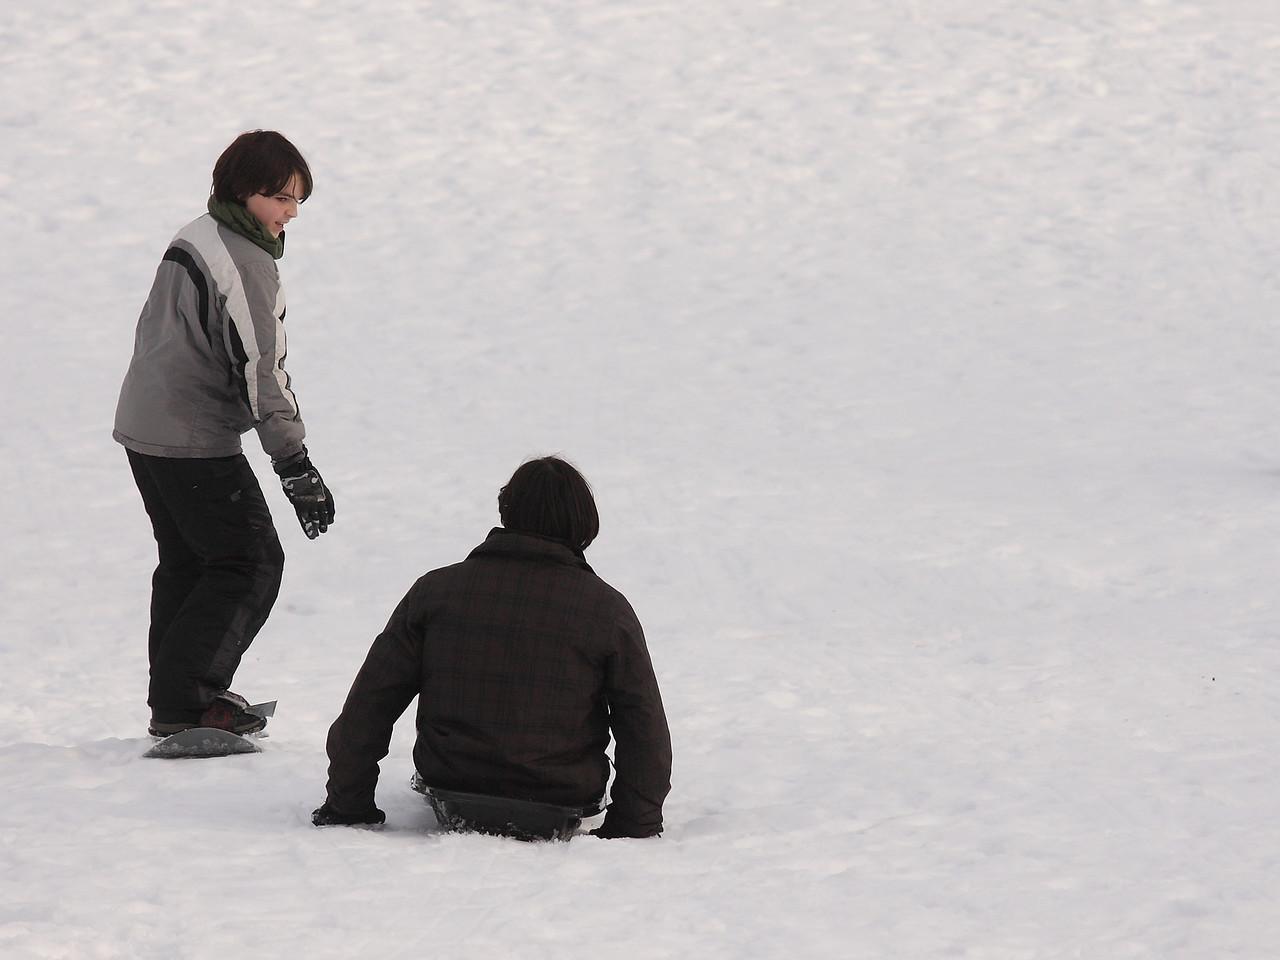 IMGA_41350 Brian, Ian snowboard, sled trm